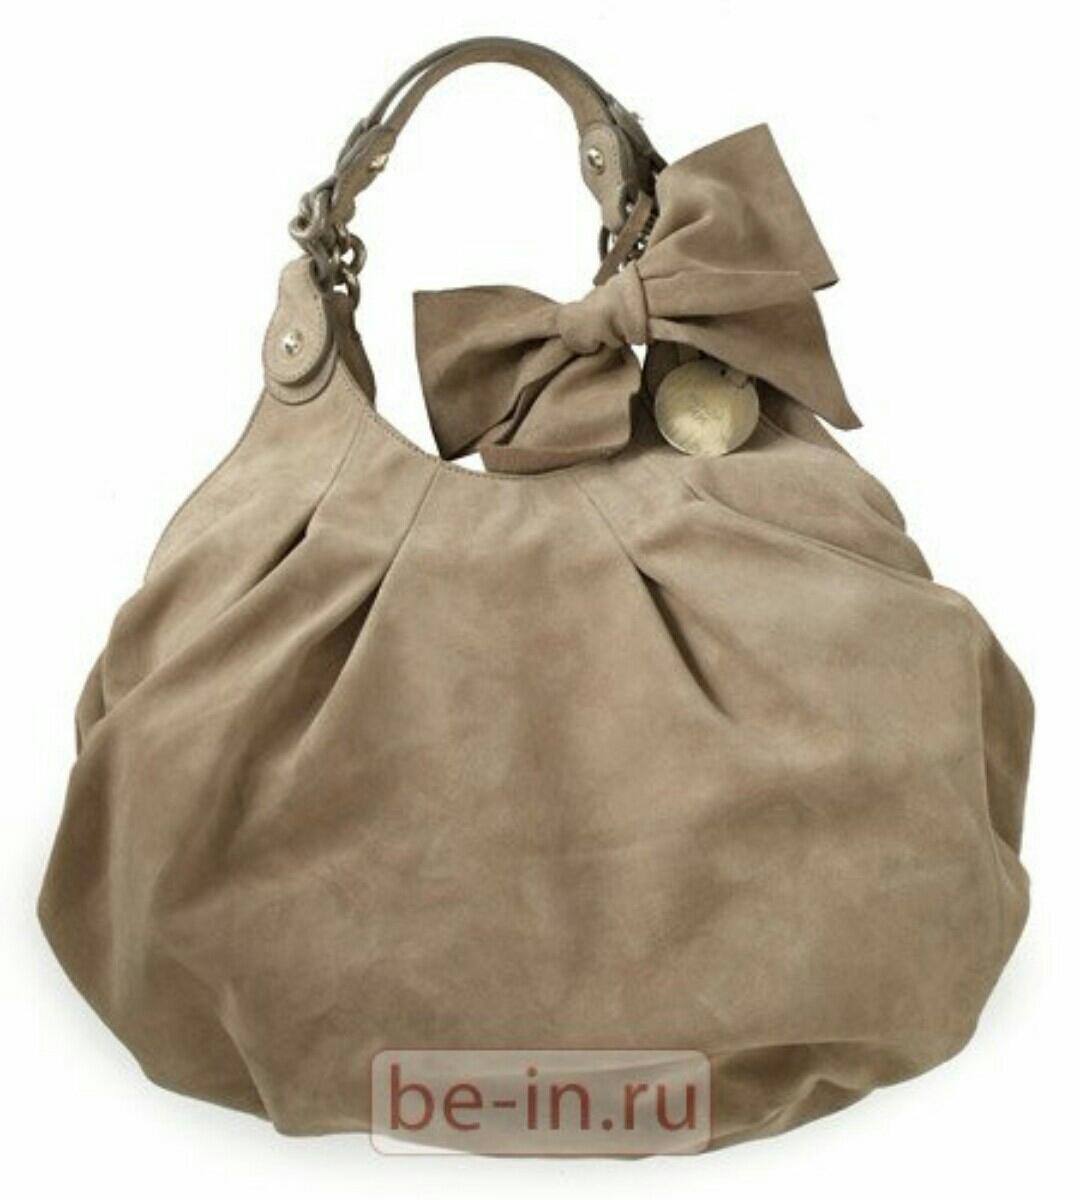 Белый клатч купить недорого : Клатчи : Интернет магазин сумок